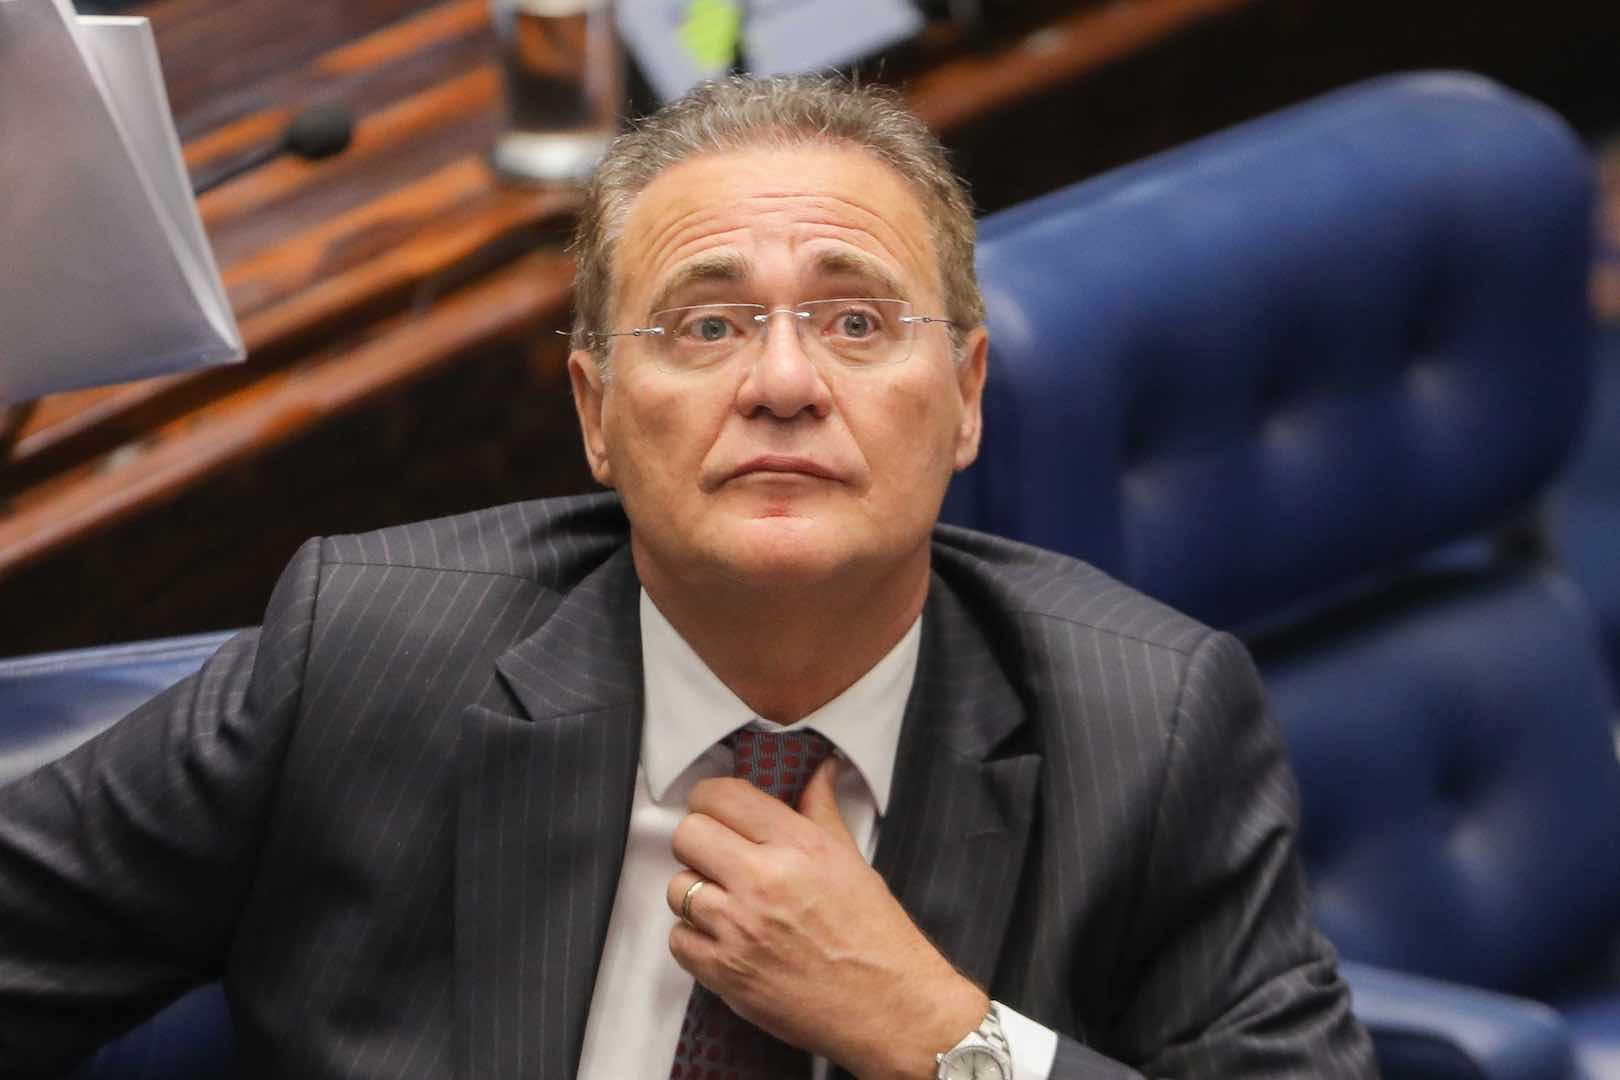 Estranho: Renan Calheiros planeja se reunir com integrantes das Forças Armadas em busca de apoio à CPI da Covid